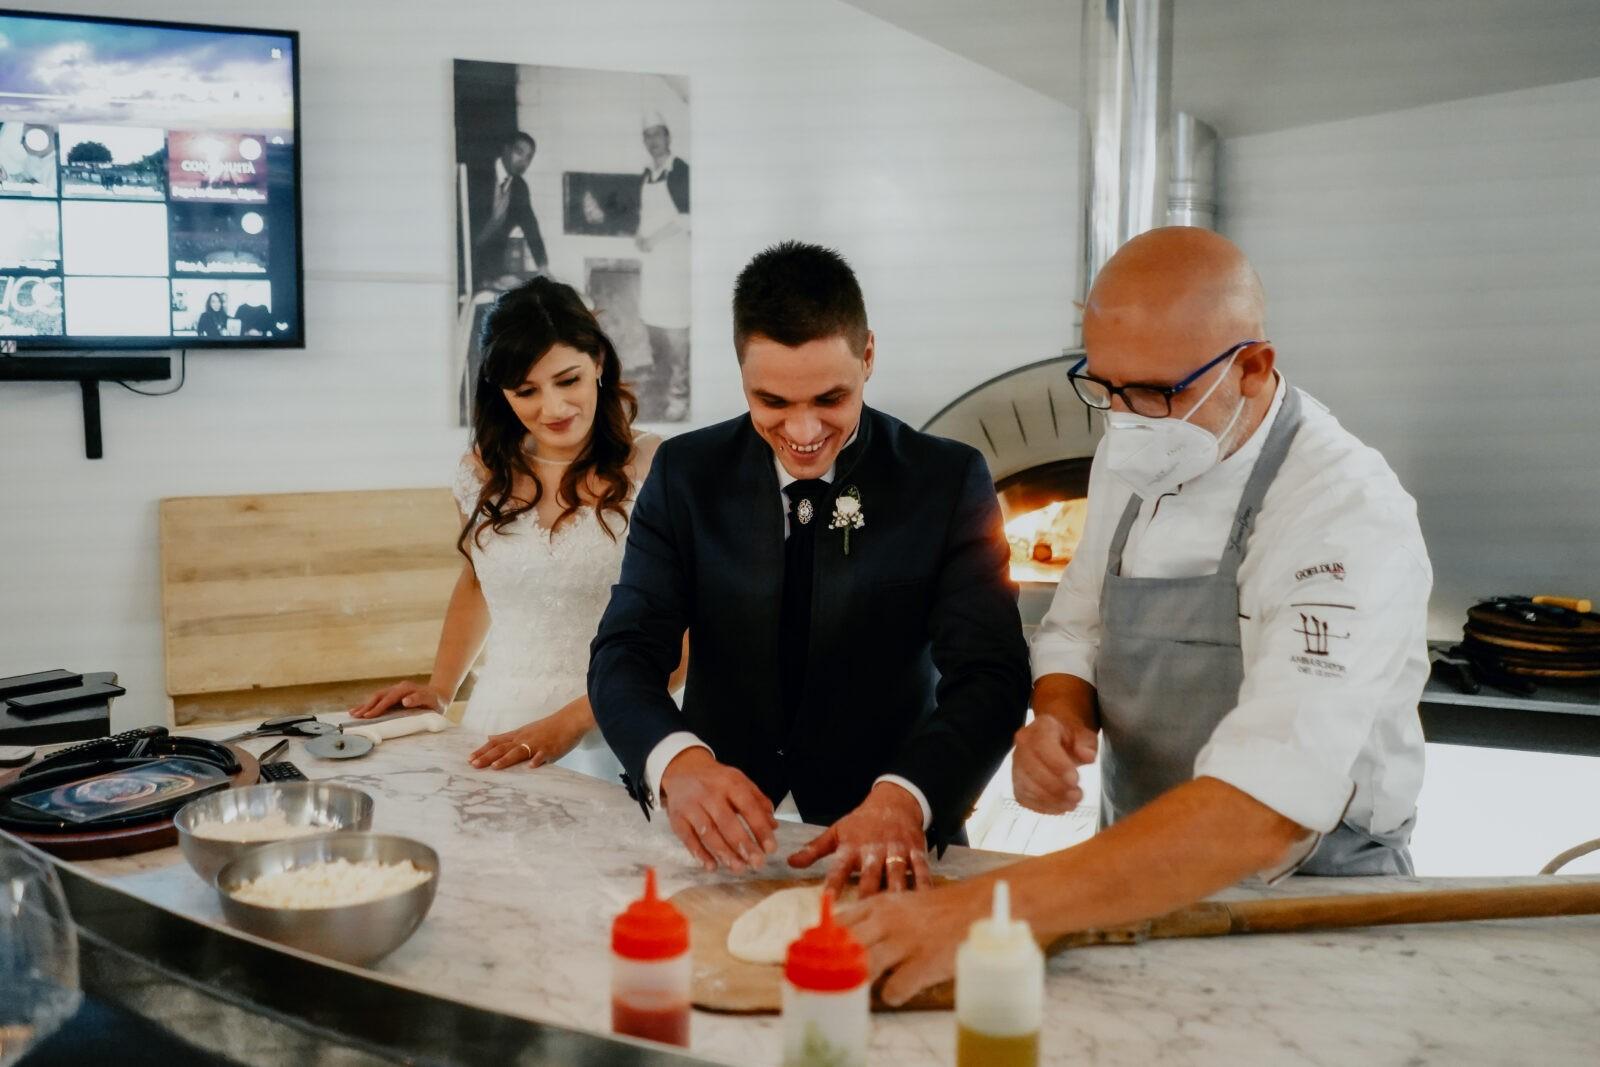 Matrimonio in Campania ai tempi del Covid: l'esperienza autentica di Mario e Valentina